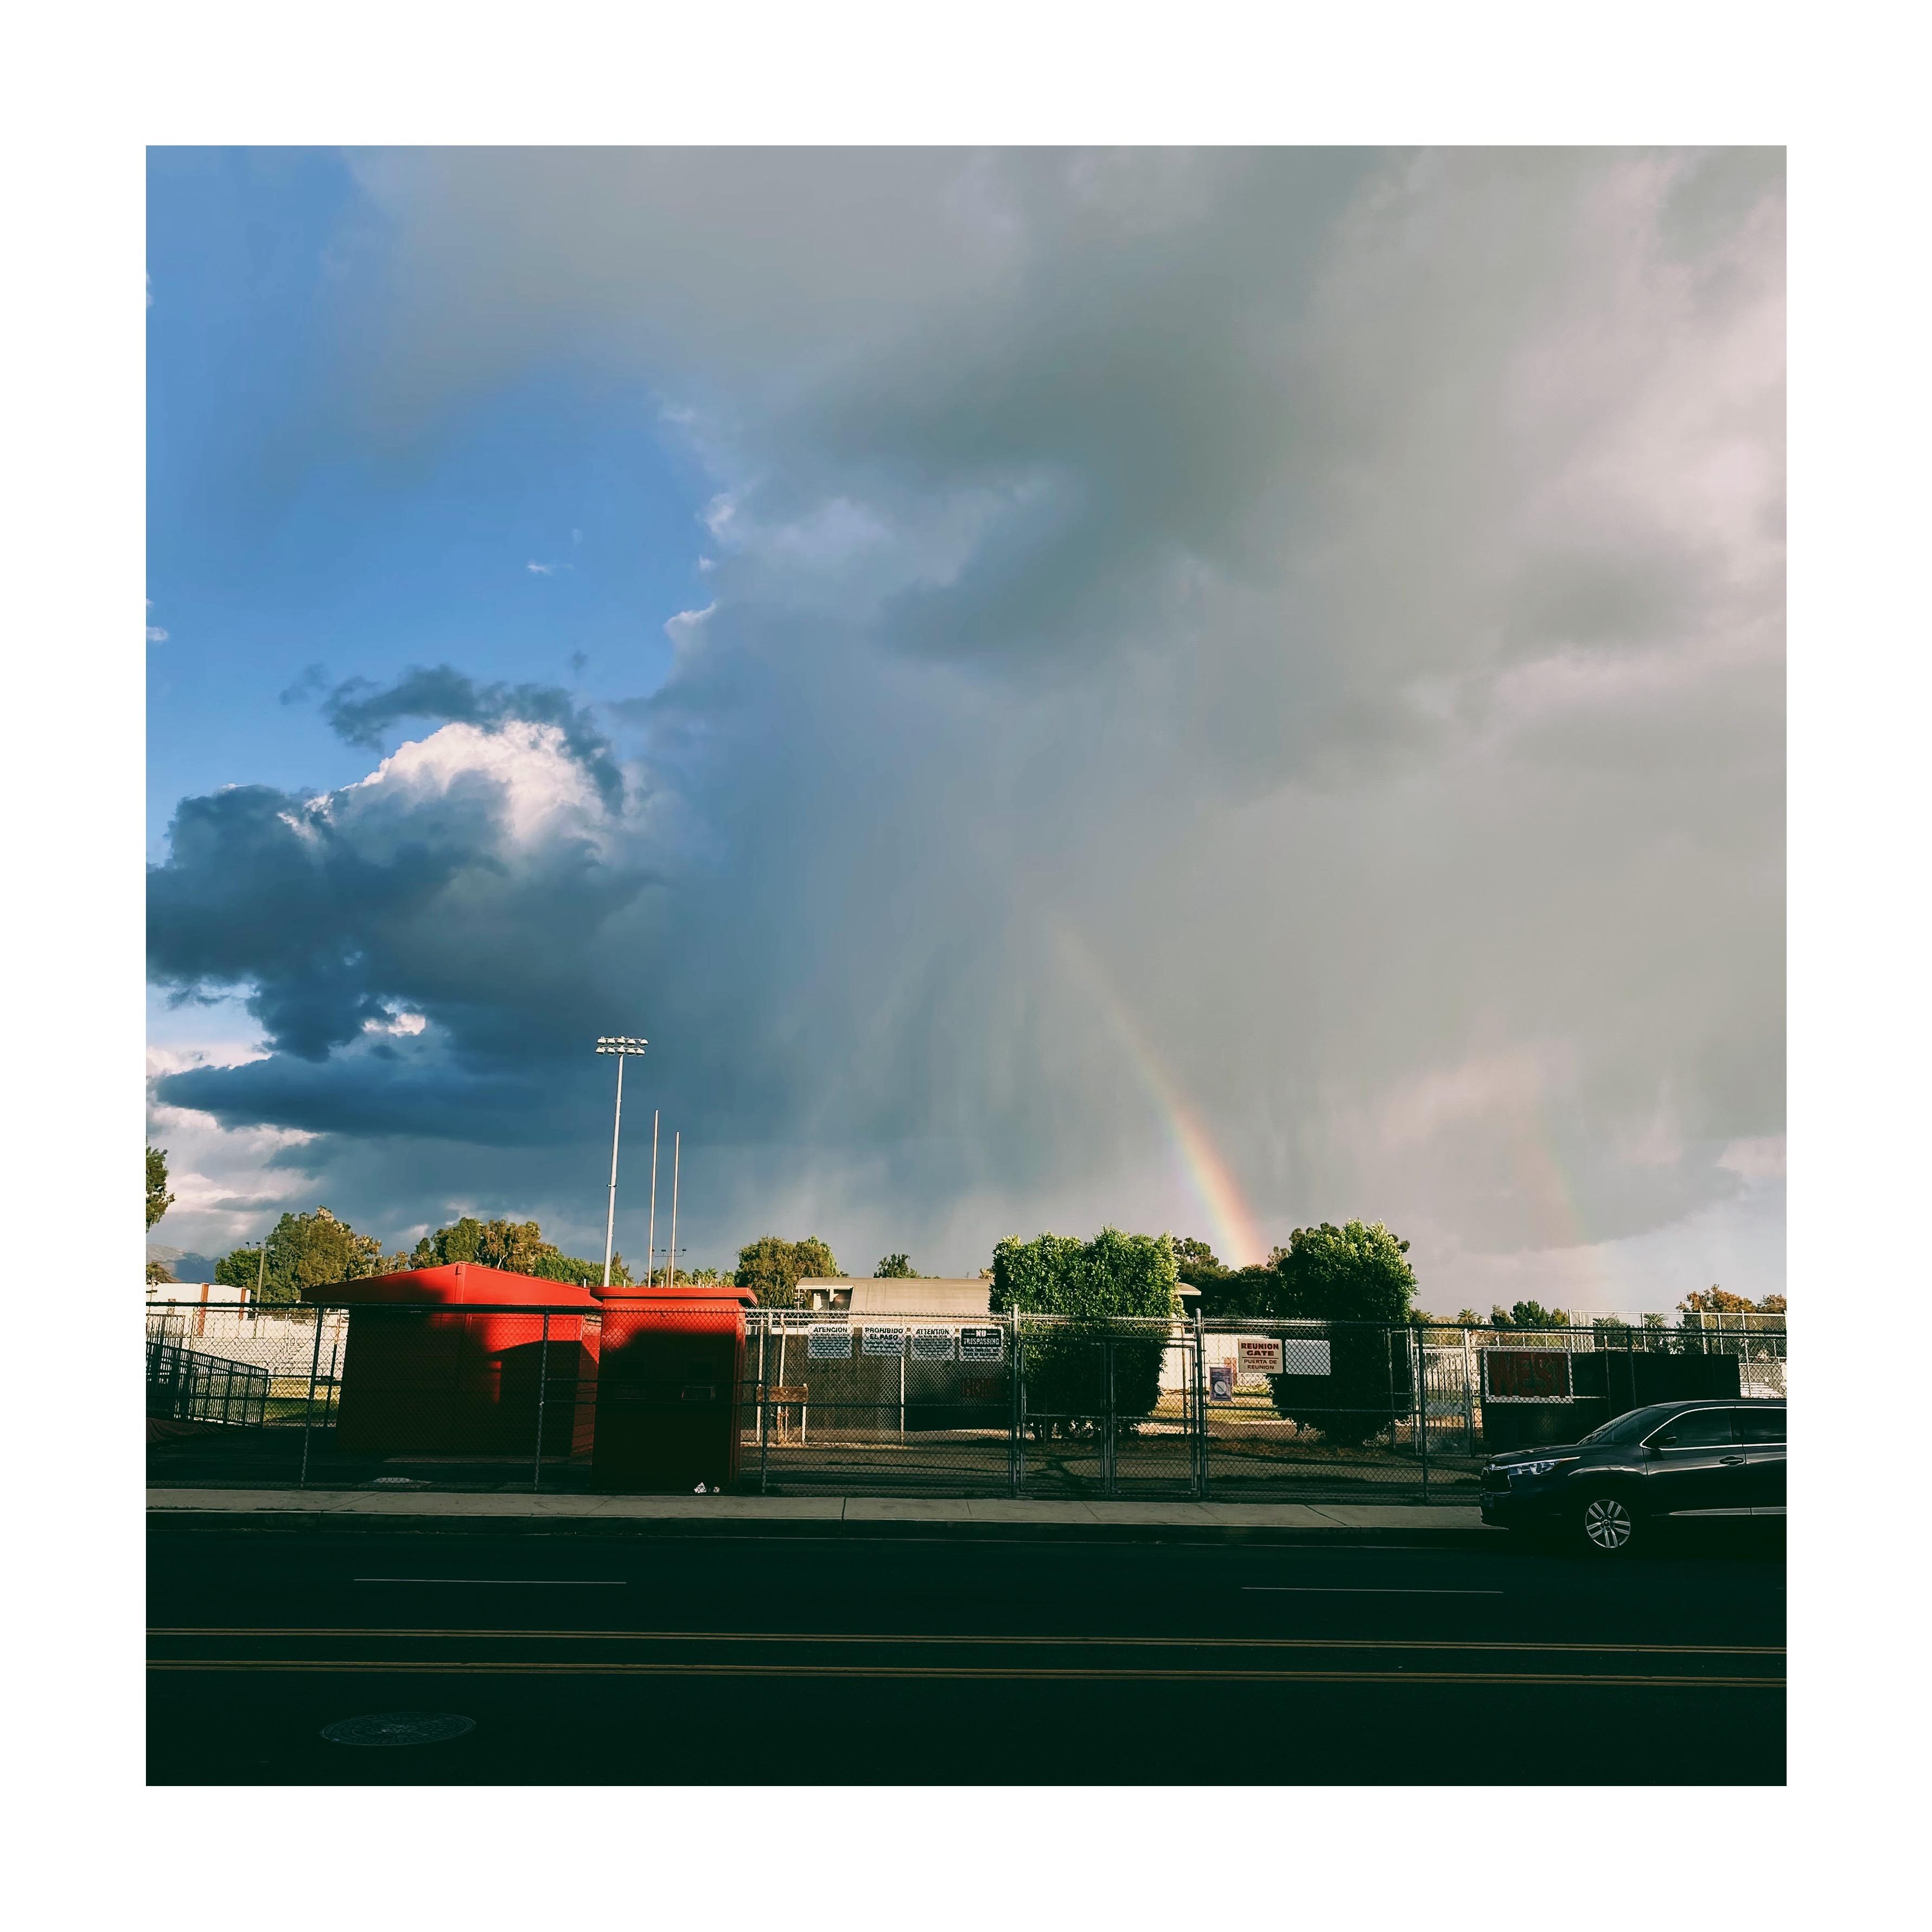 Rainbow Over Van Nuys High School